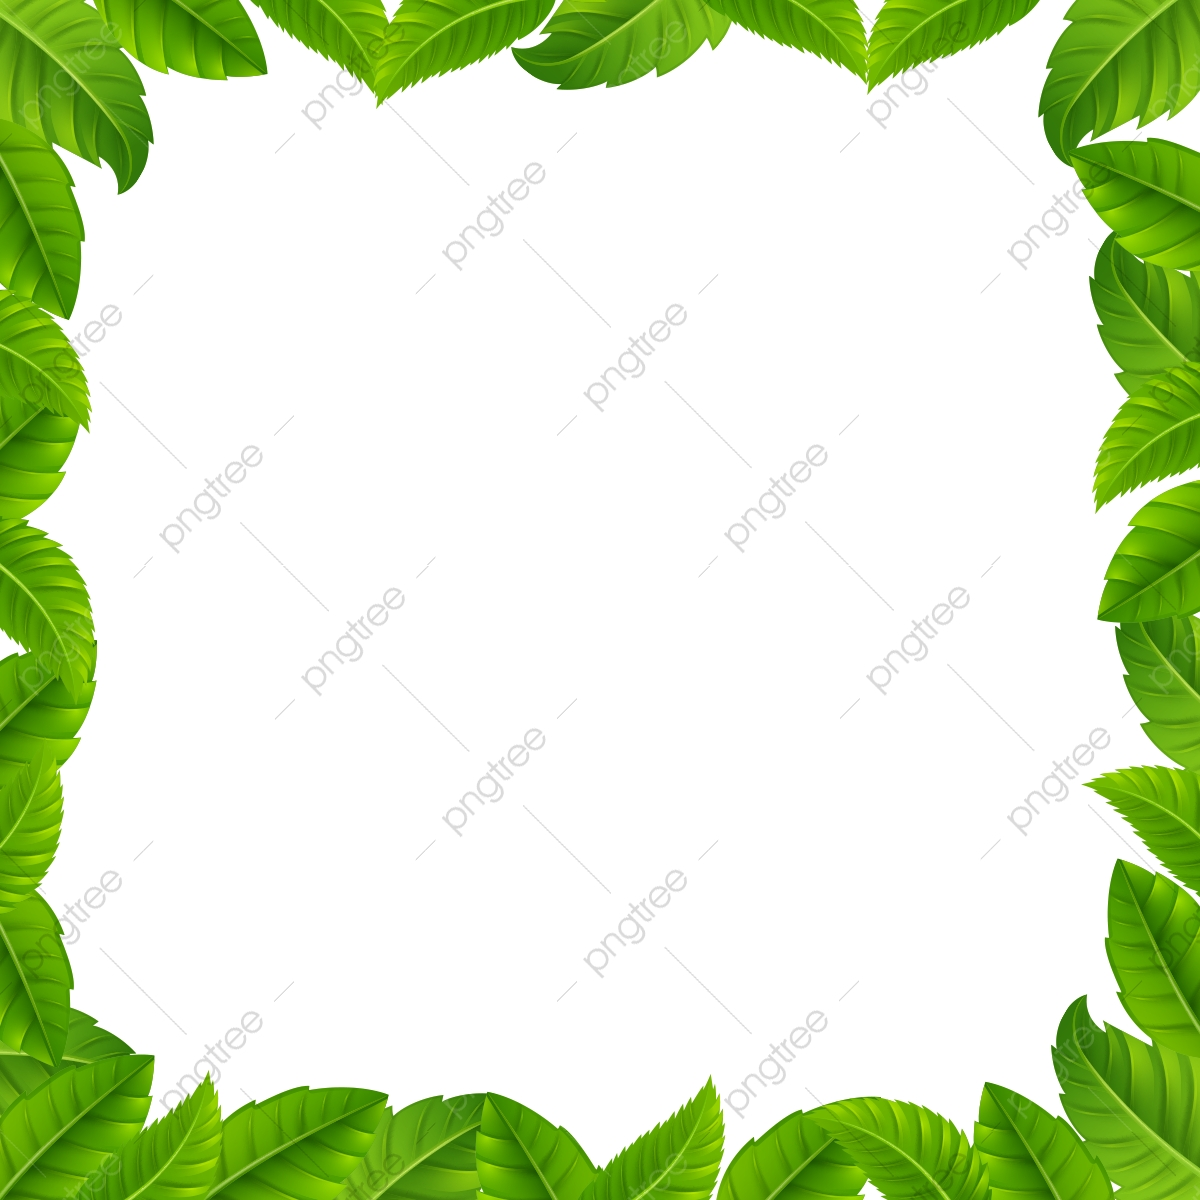 gambar bingkai hijau daun tropika tropika daun hijau png dan psd untuk muat turun percuma pngtree